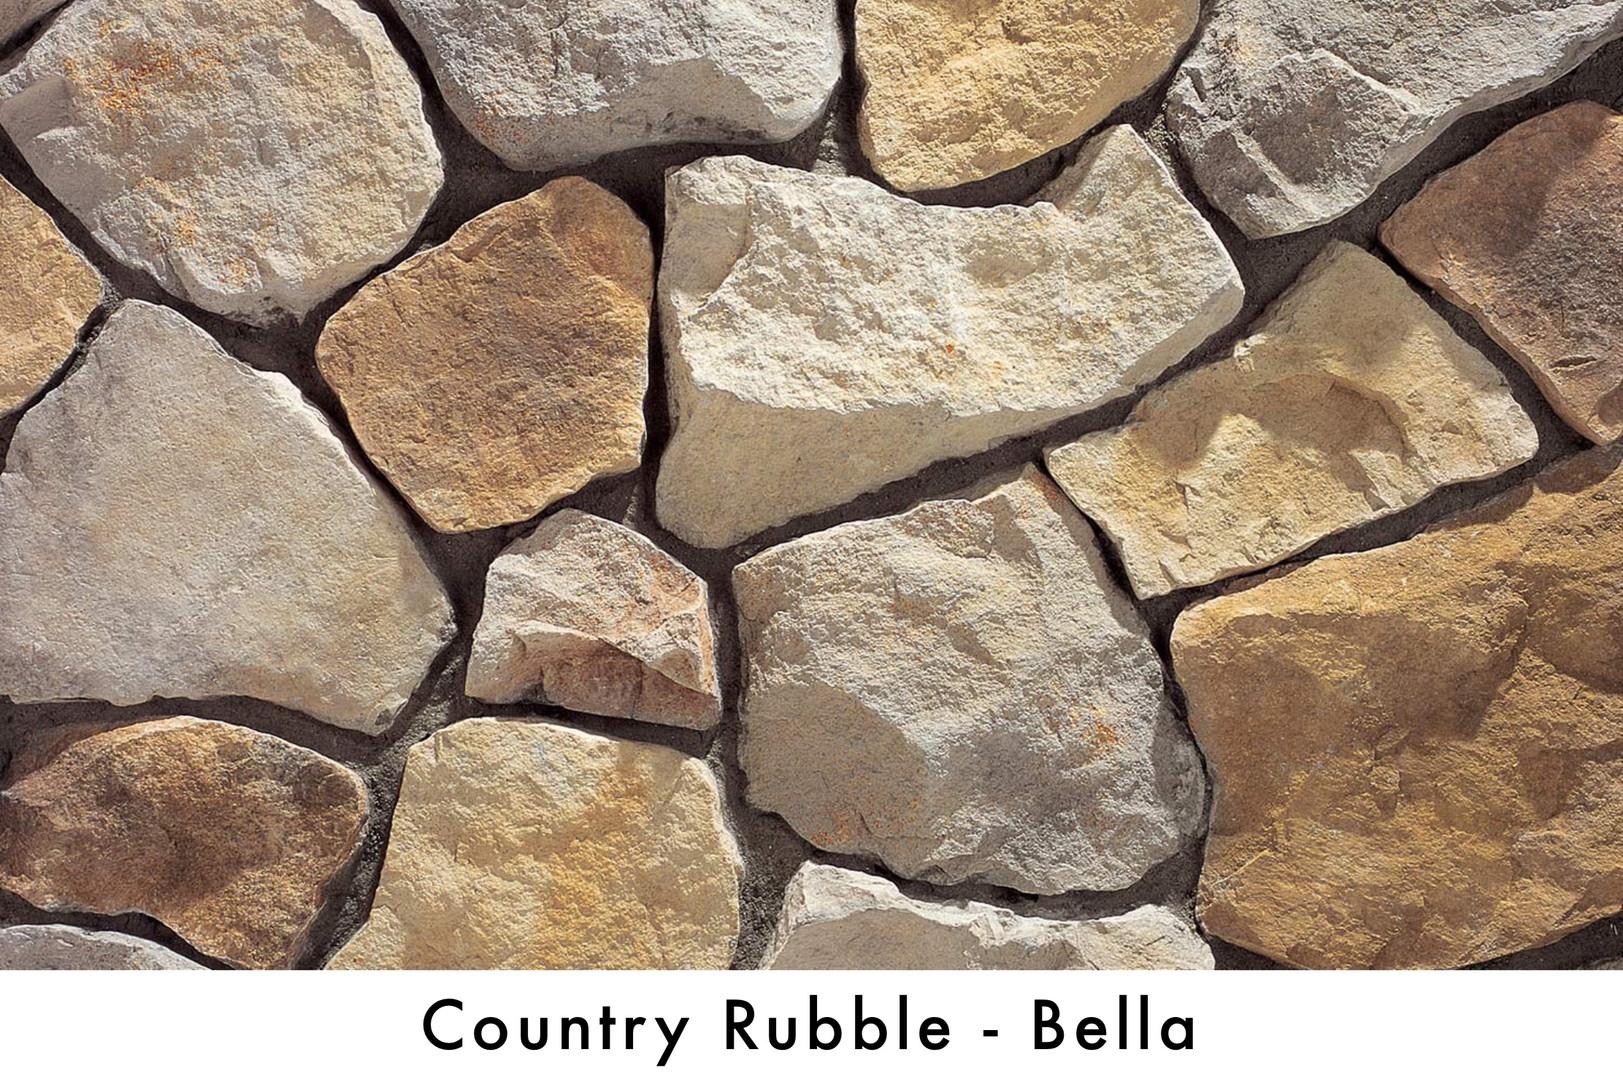 Country Rubble - Bella